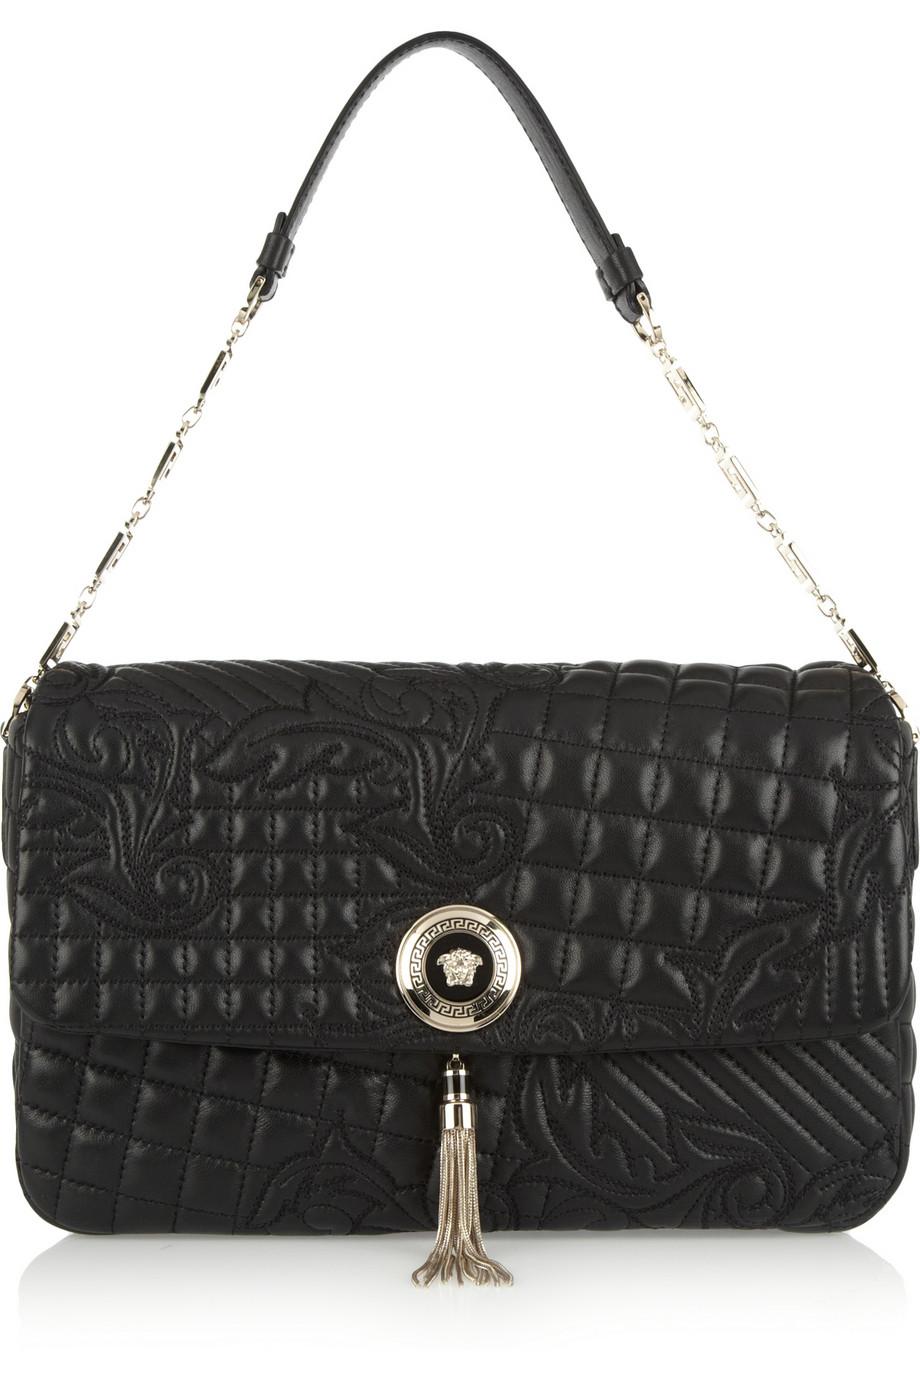 Versace Black Shoulder Bag 52